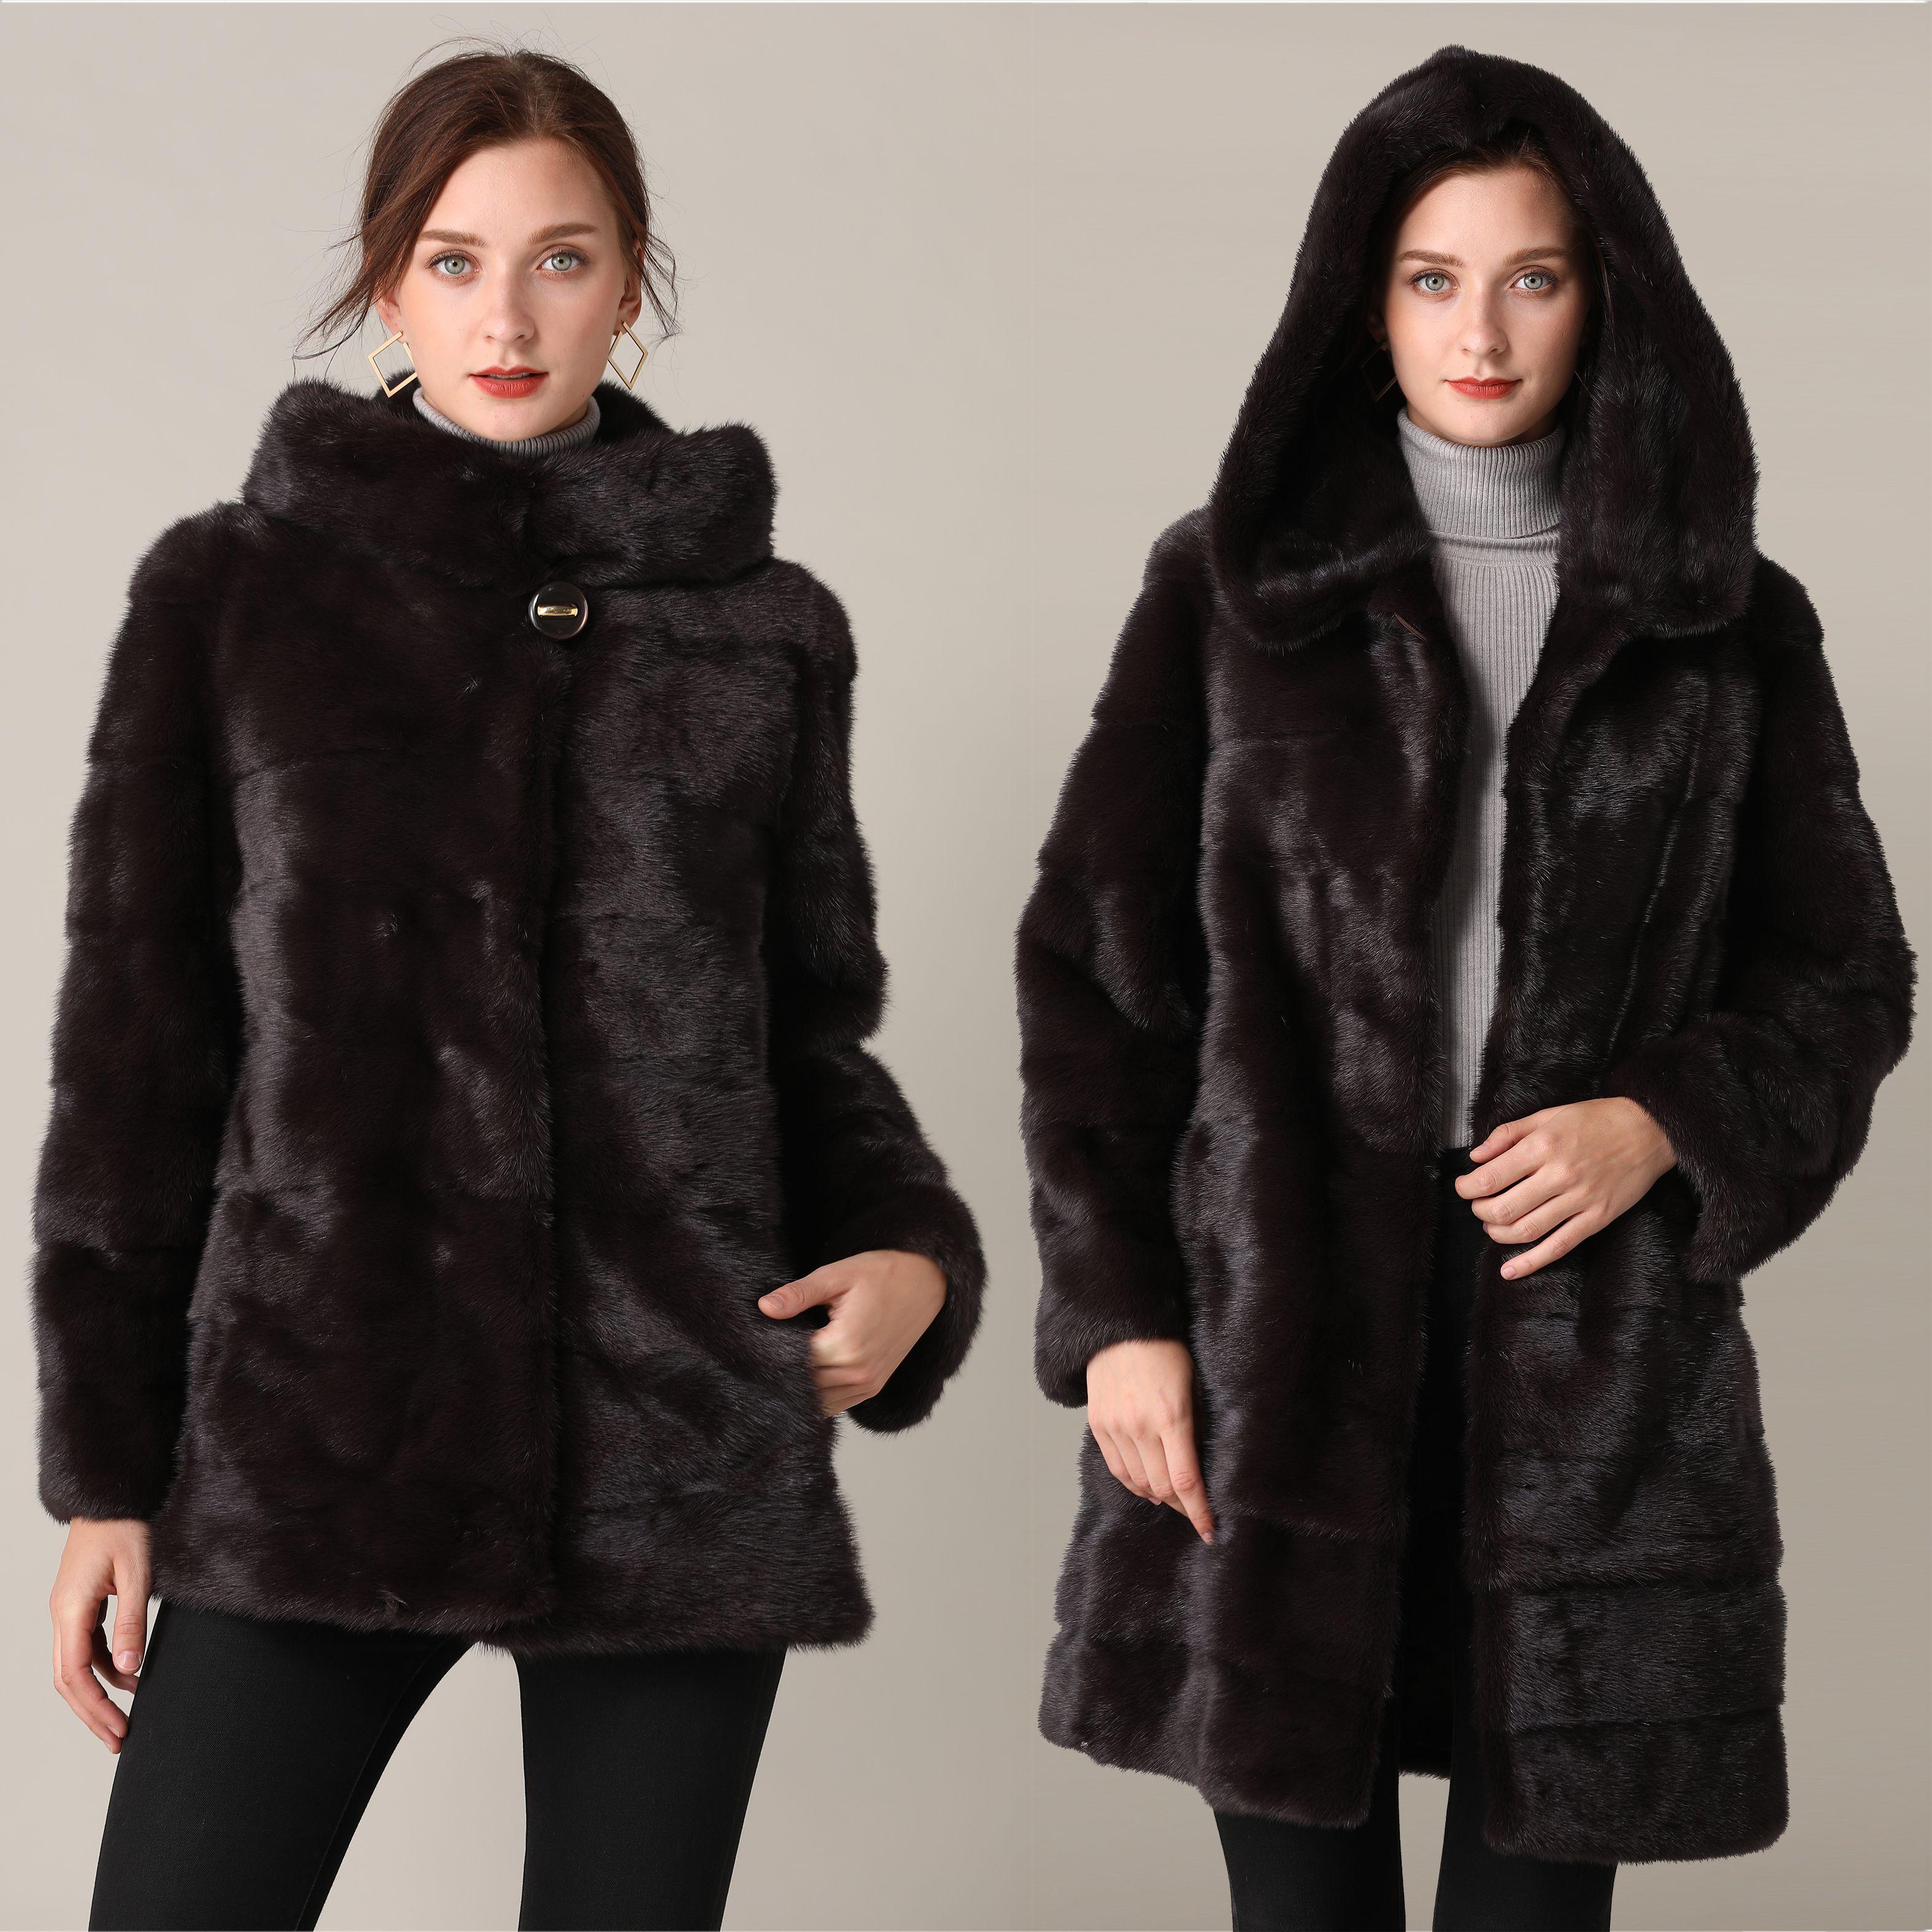 Real Nerz Mantel Winter Lange Natürliche Pelz Nerz Mäntel Schwarz Transformator Warme Frauen Kleidung 2019 Vintage Plus Größe